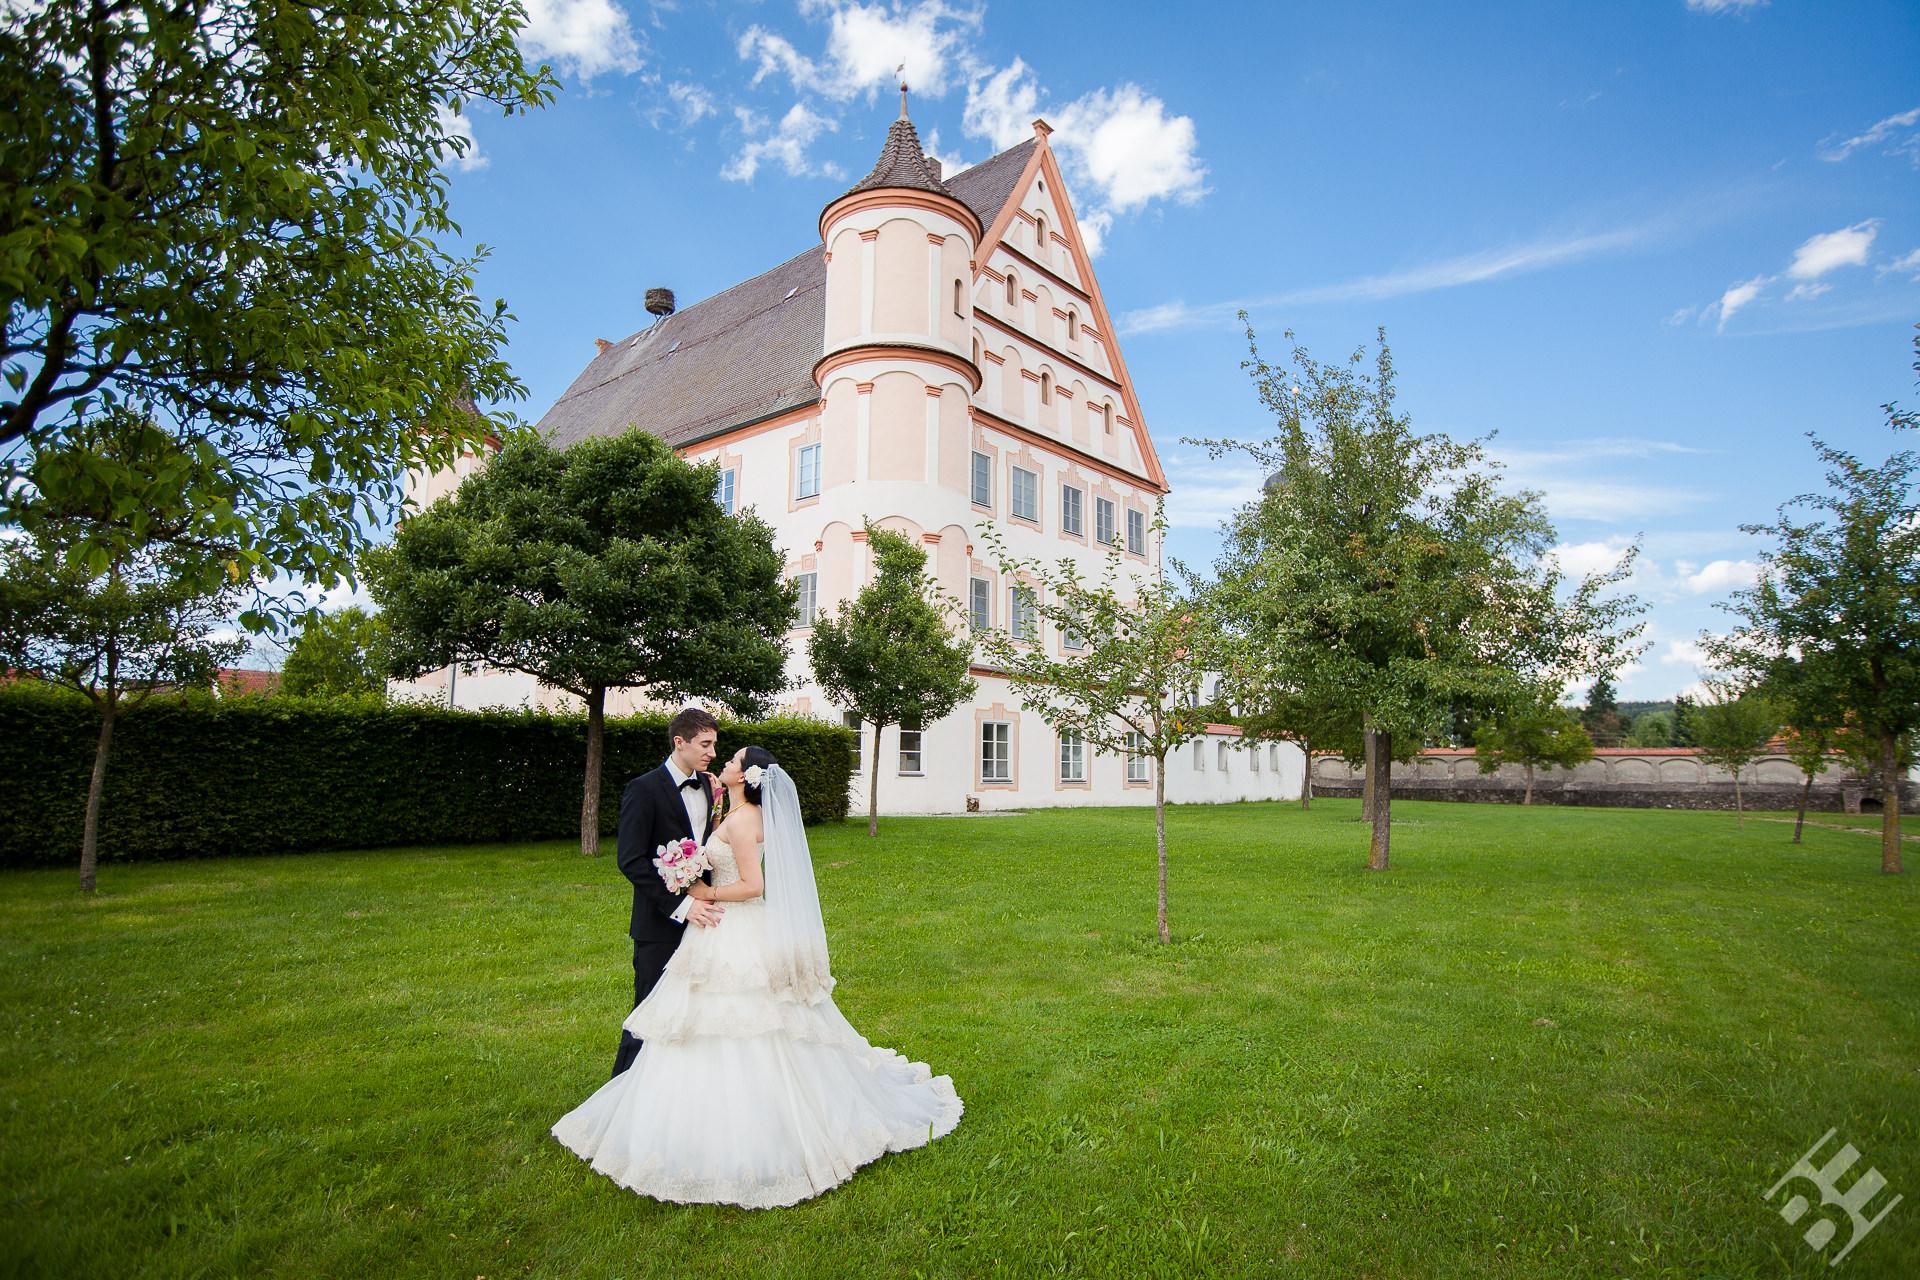 Hochzeit_68_IMG_9697_Volen_Evtimov